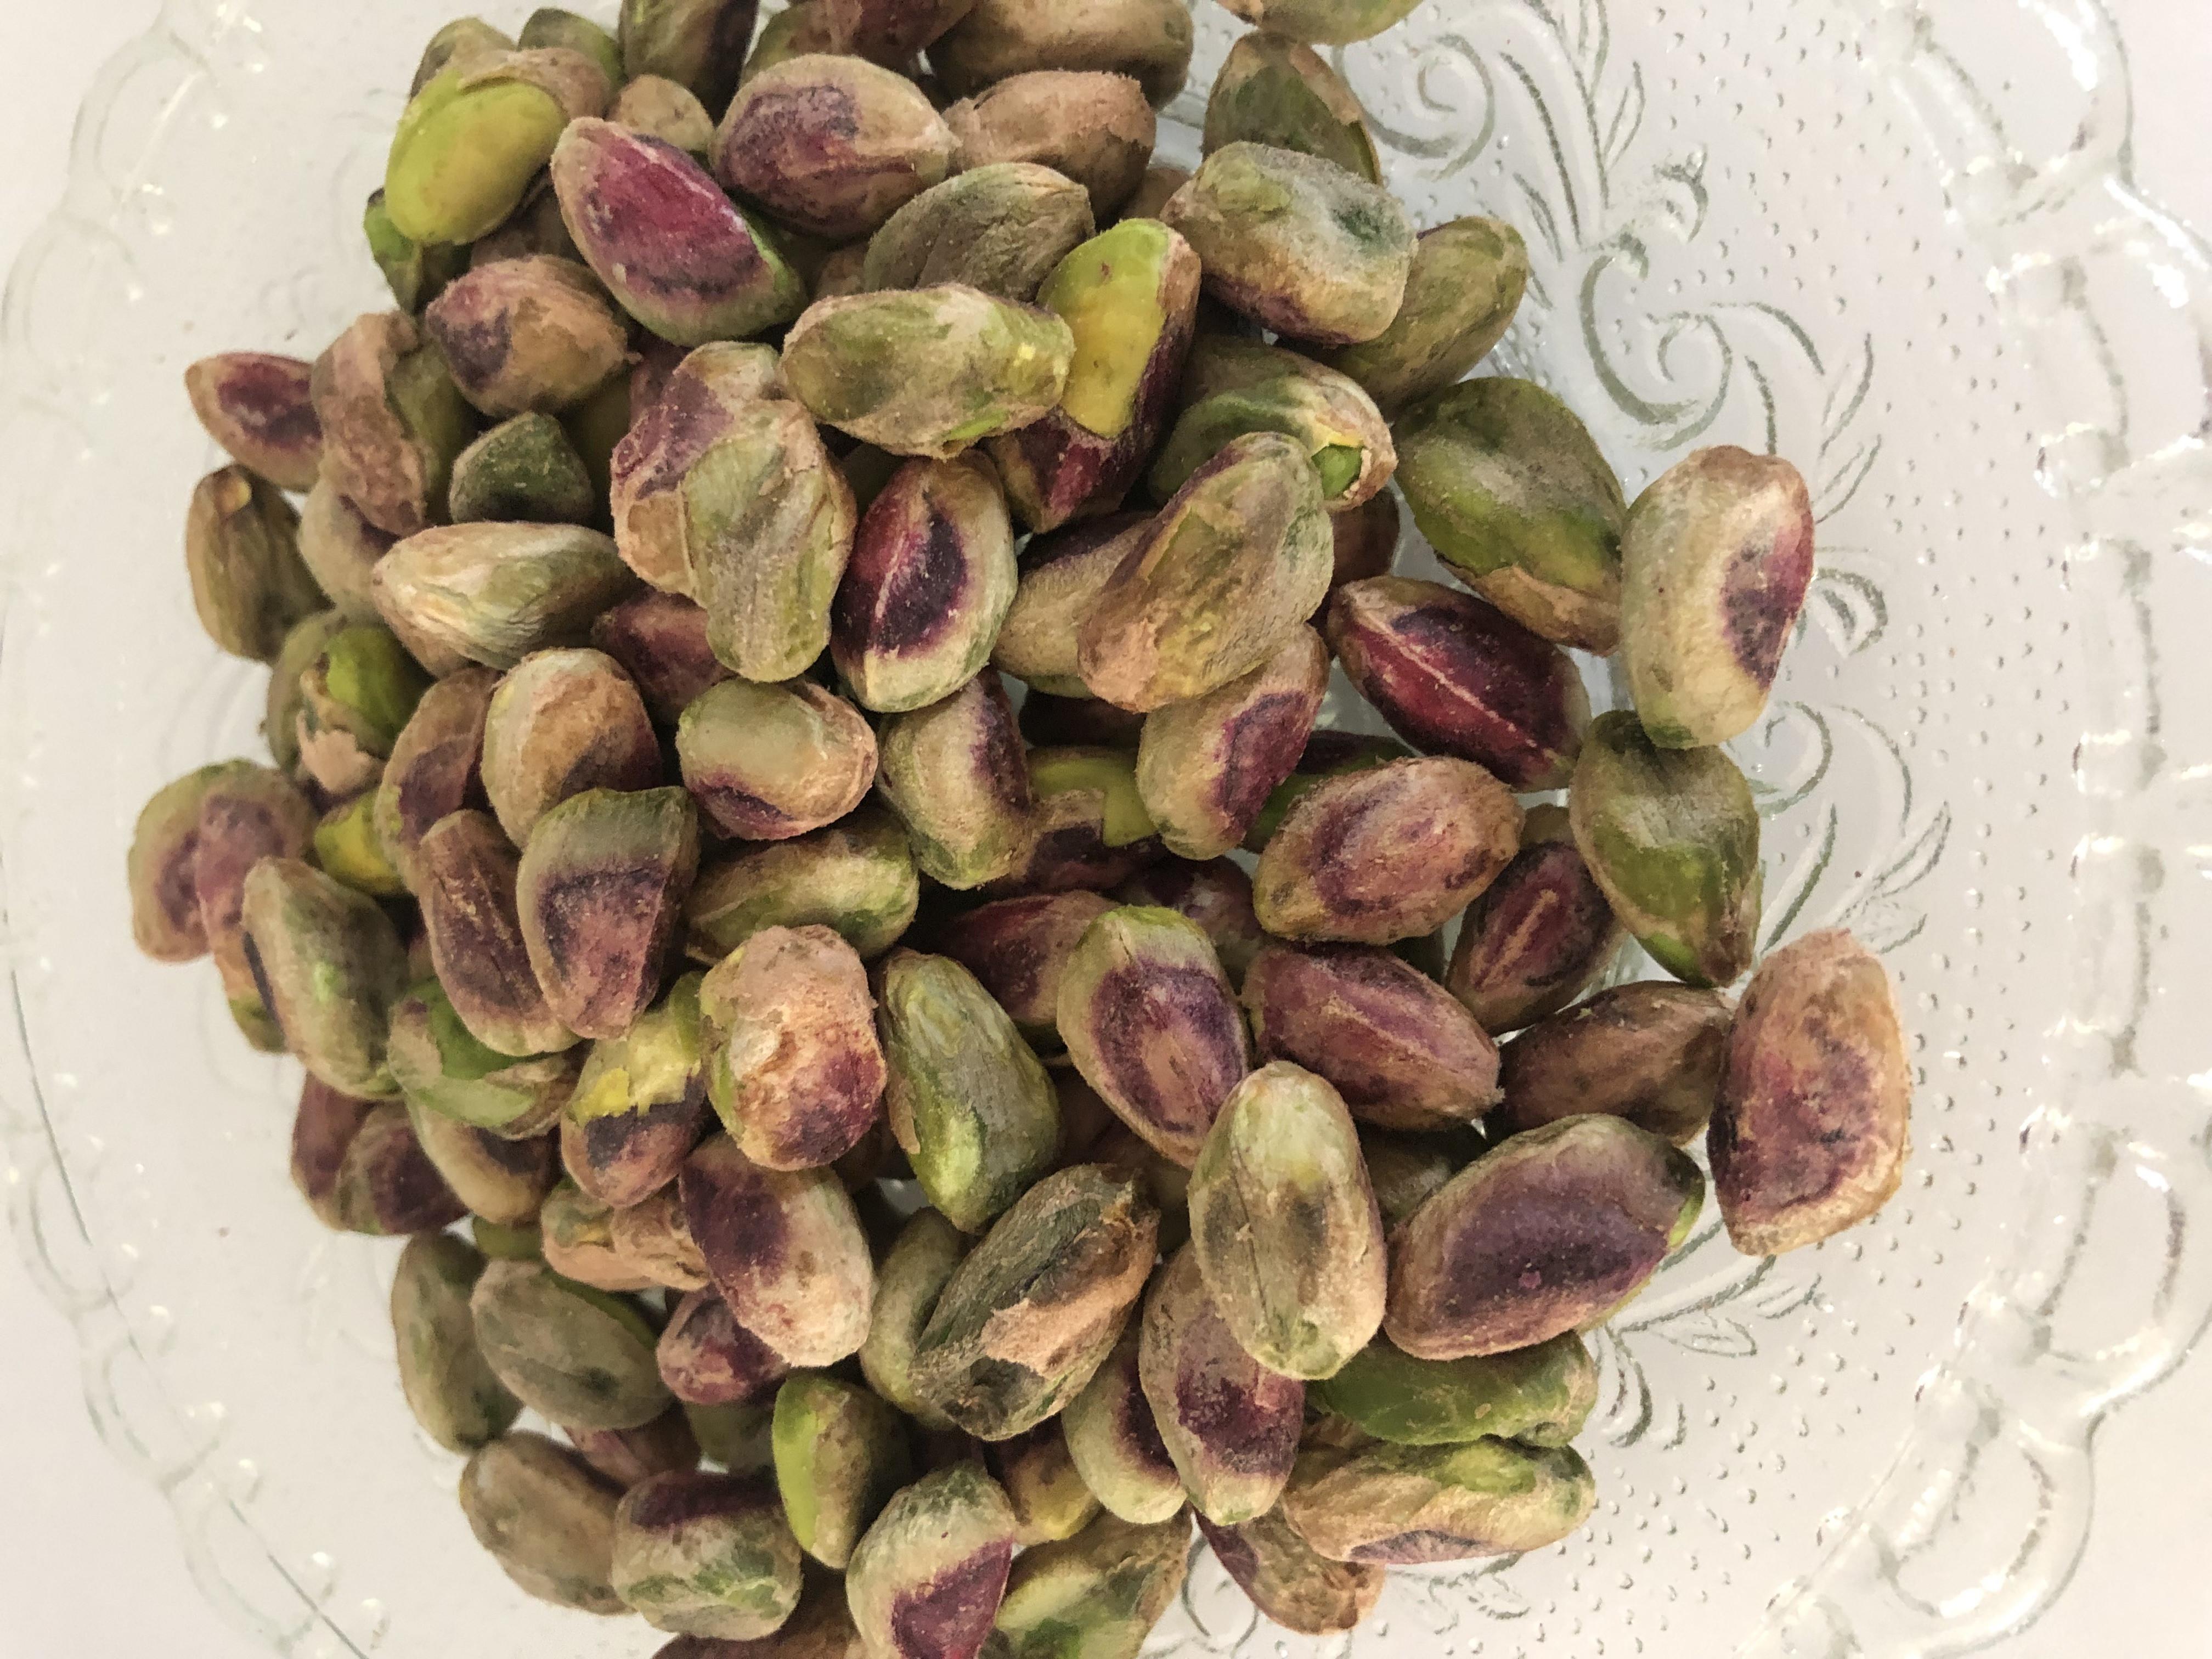 Økologiske usaltede pistacienødder